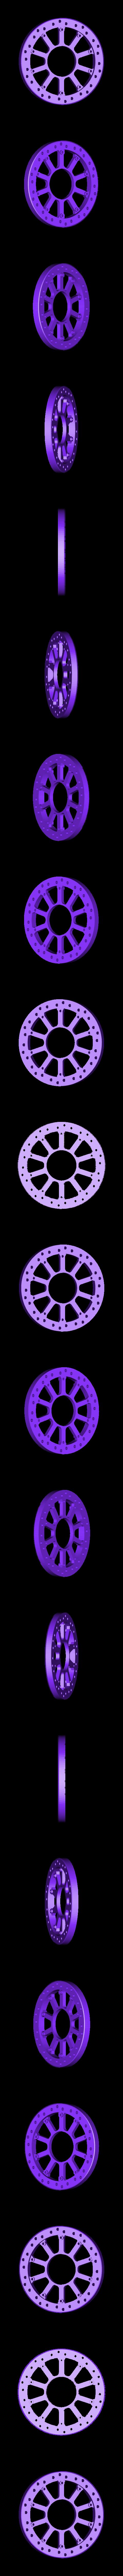 front_rotor_l.stl Télécharger fichier STL gratuit 2016 Suzuki GSX-RR MotoGP RC Moto • Modèle pour imprimante 3D, brett